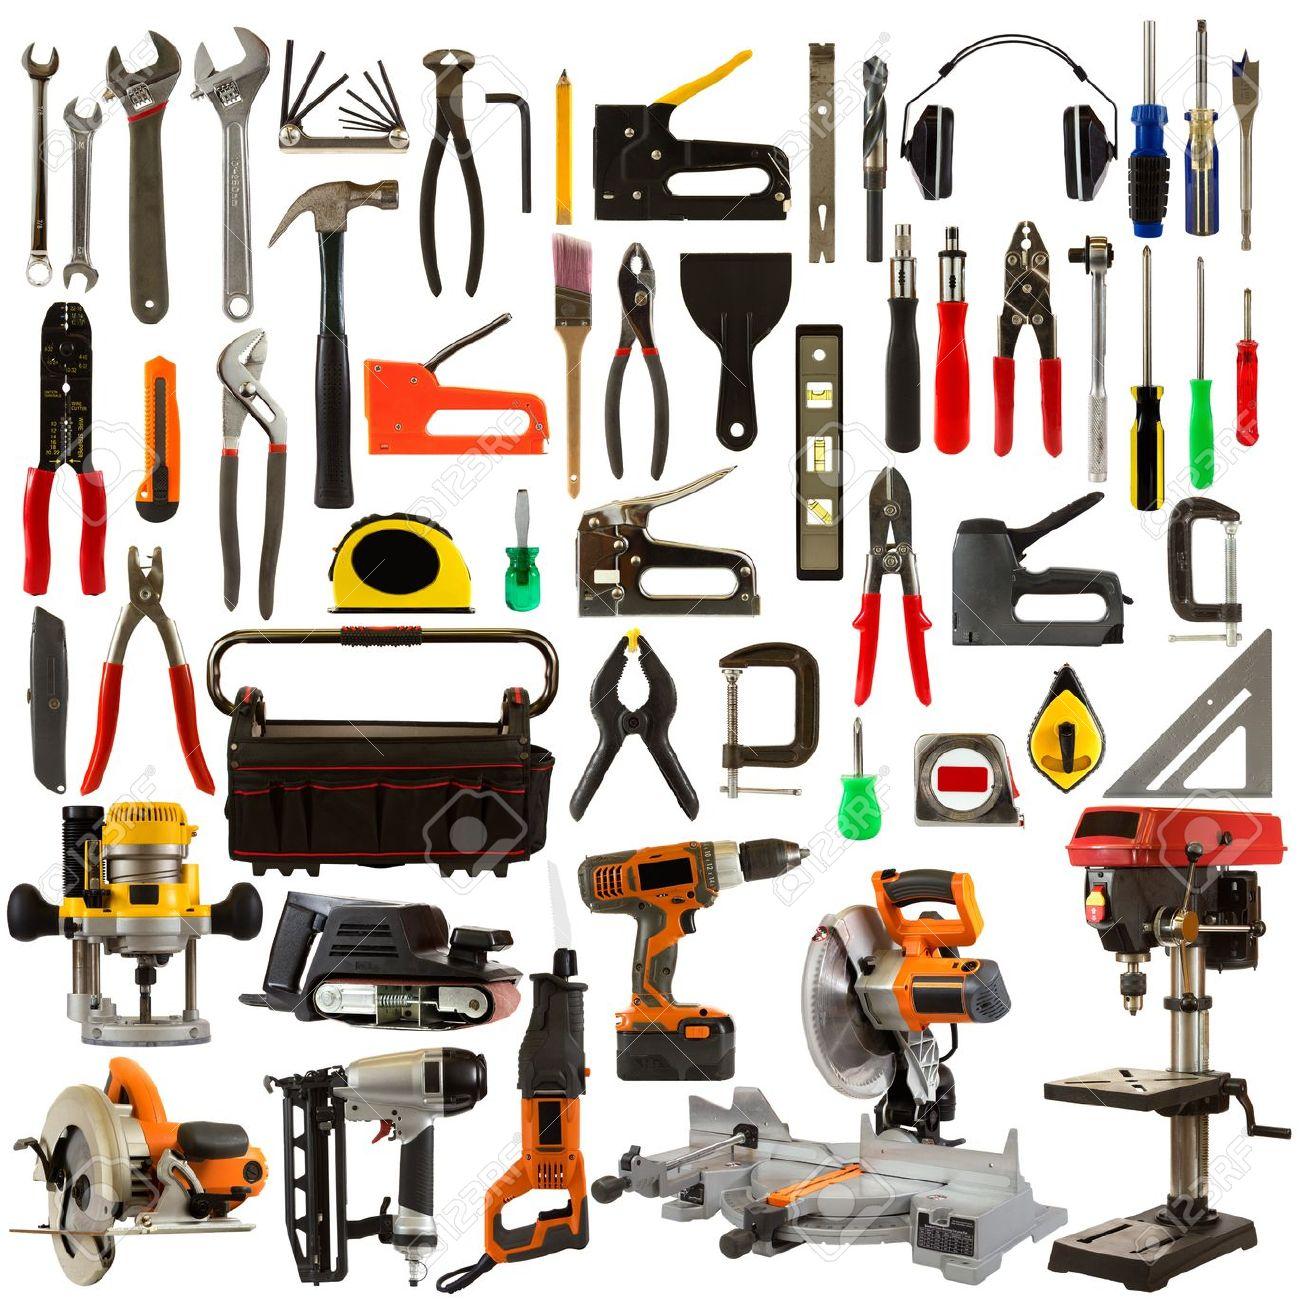 Zimmerer werkzeug set  Werkzeug-Collage Auf Weißem Hintergrund Darstellt Zimmerer-und ...